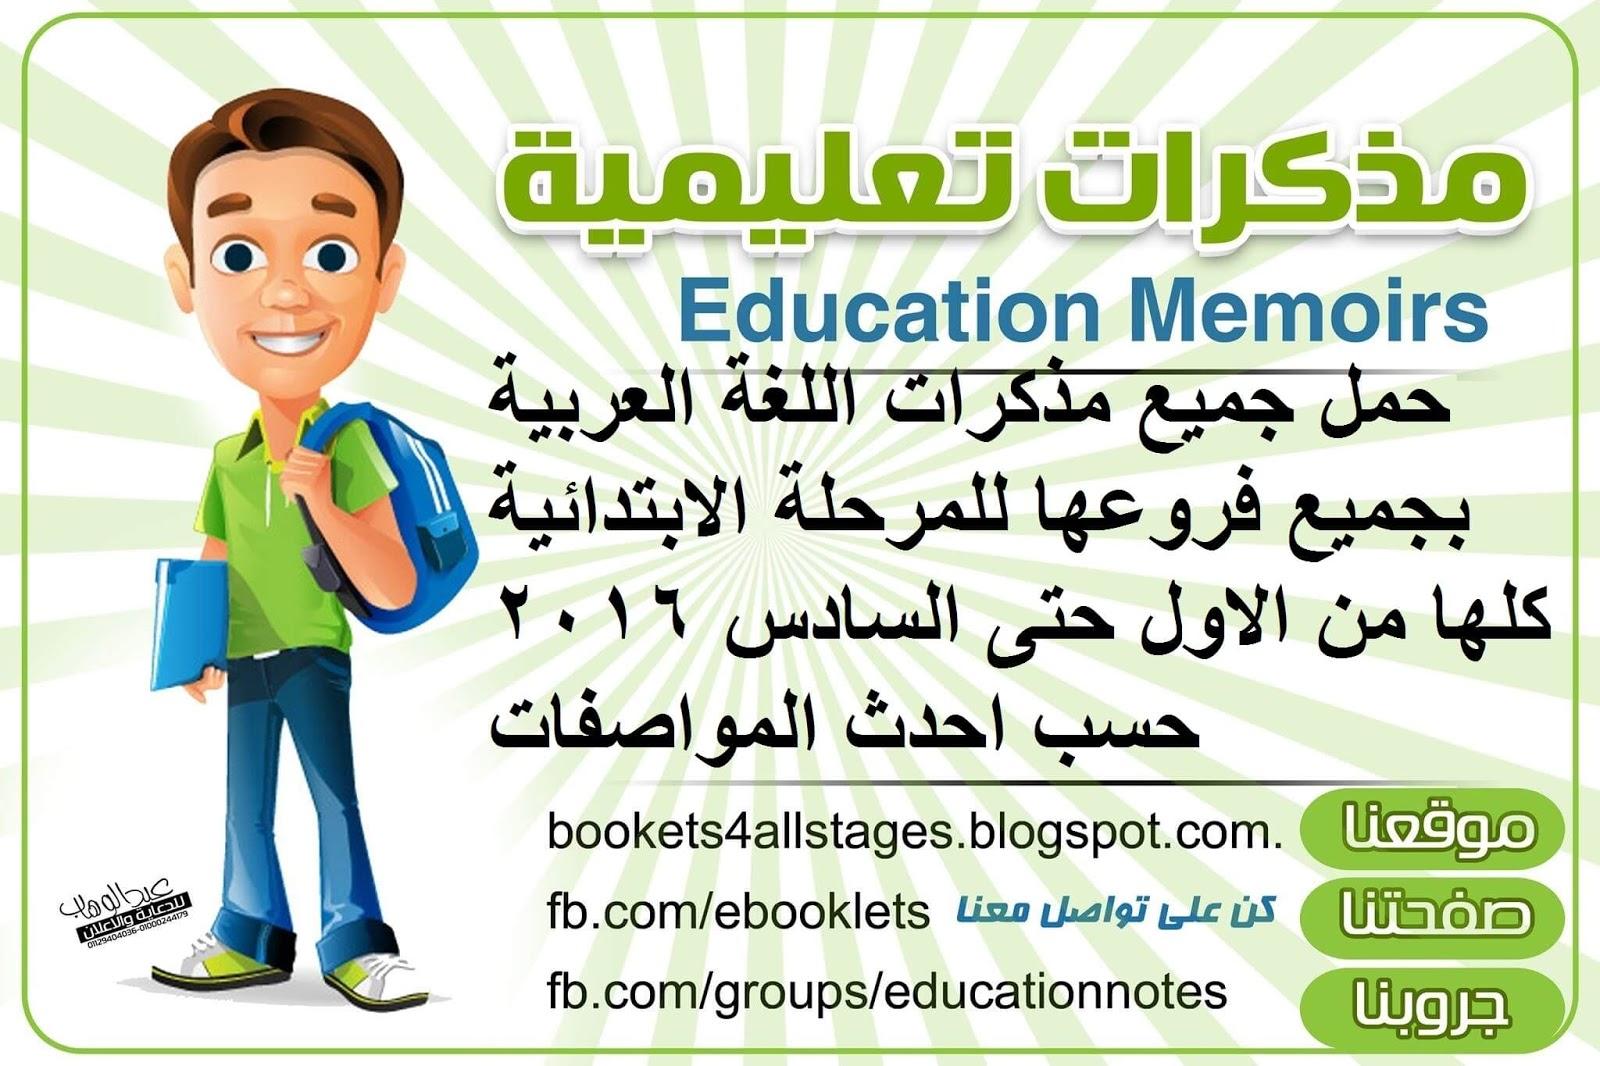 حمل جميع مذكرات اللغة العربية بجميع فروعها للمرحلة الابتدائية كلها من الاول حتى السادس 2016 حسب احدث المواصفات